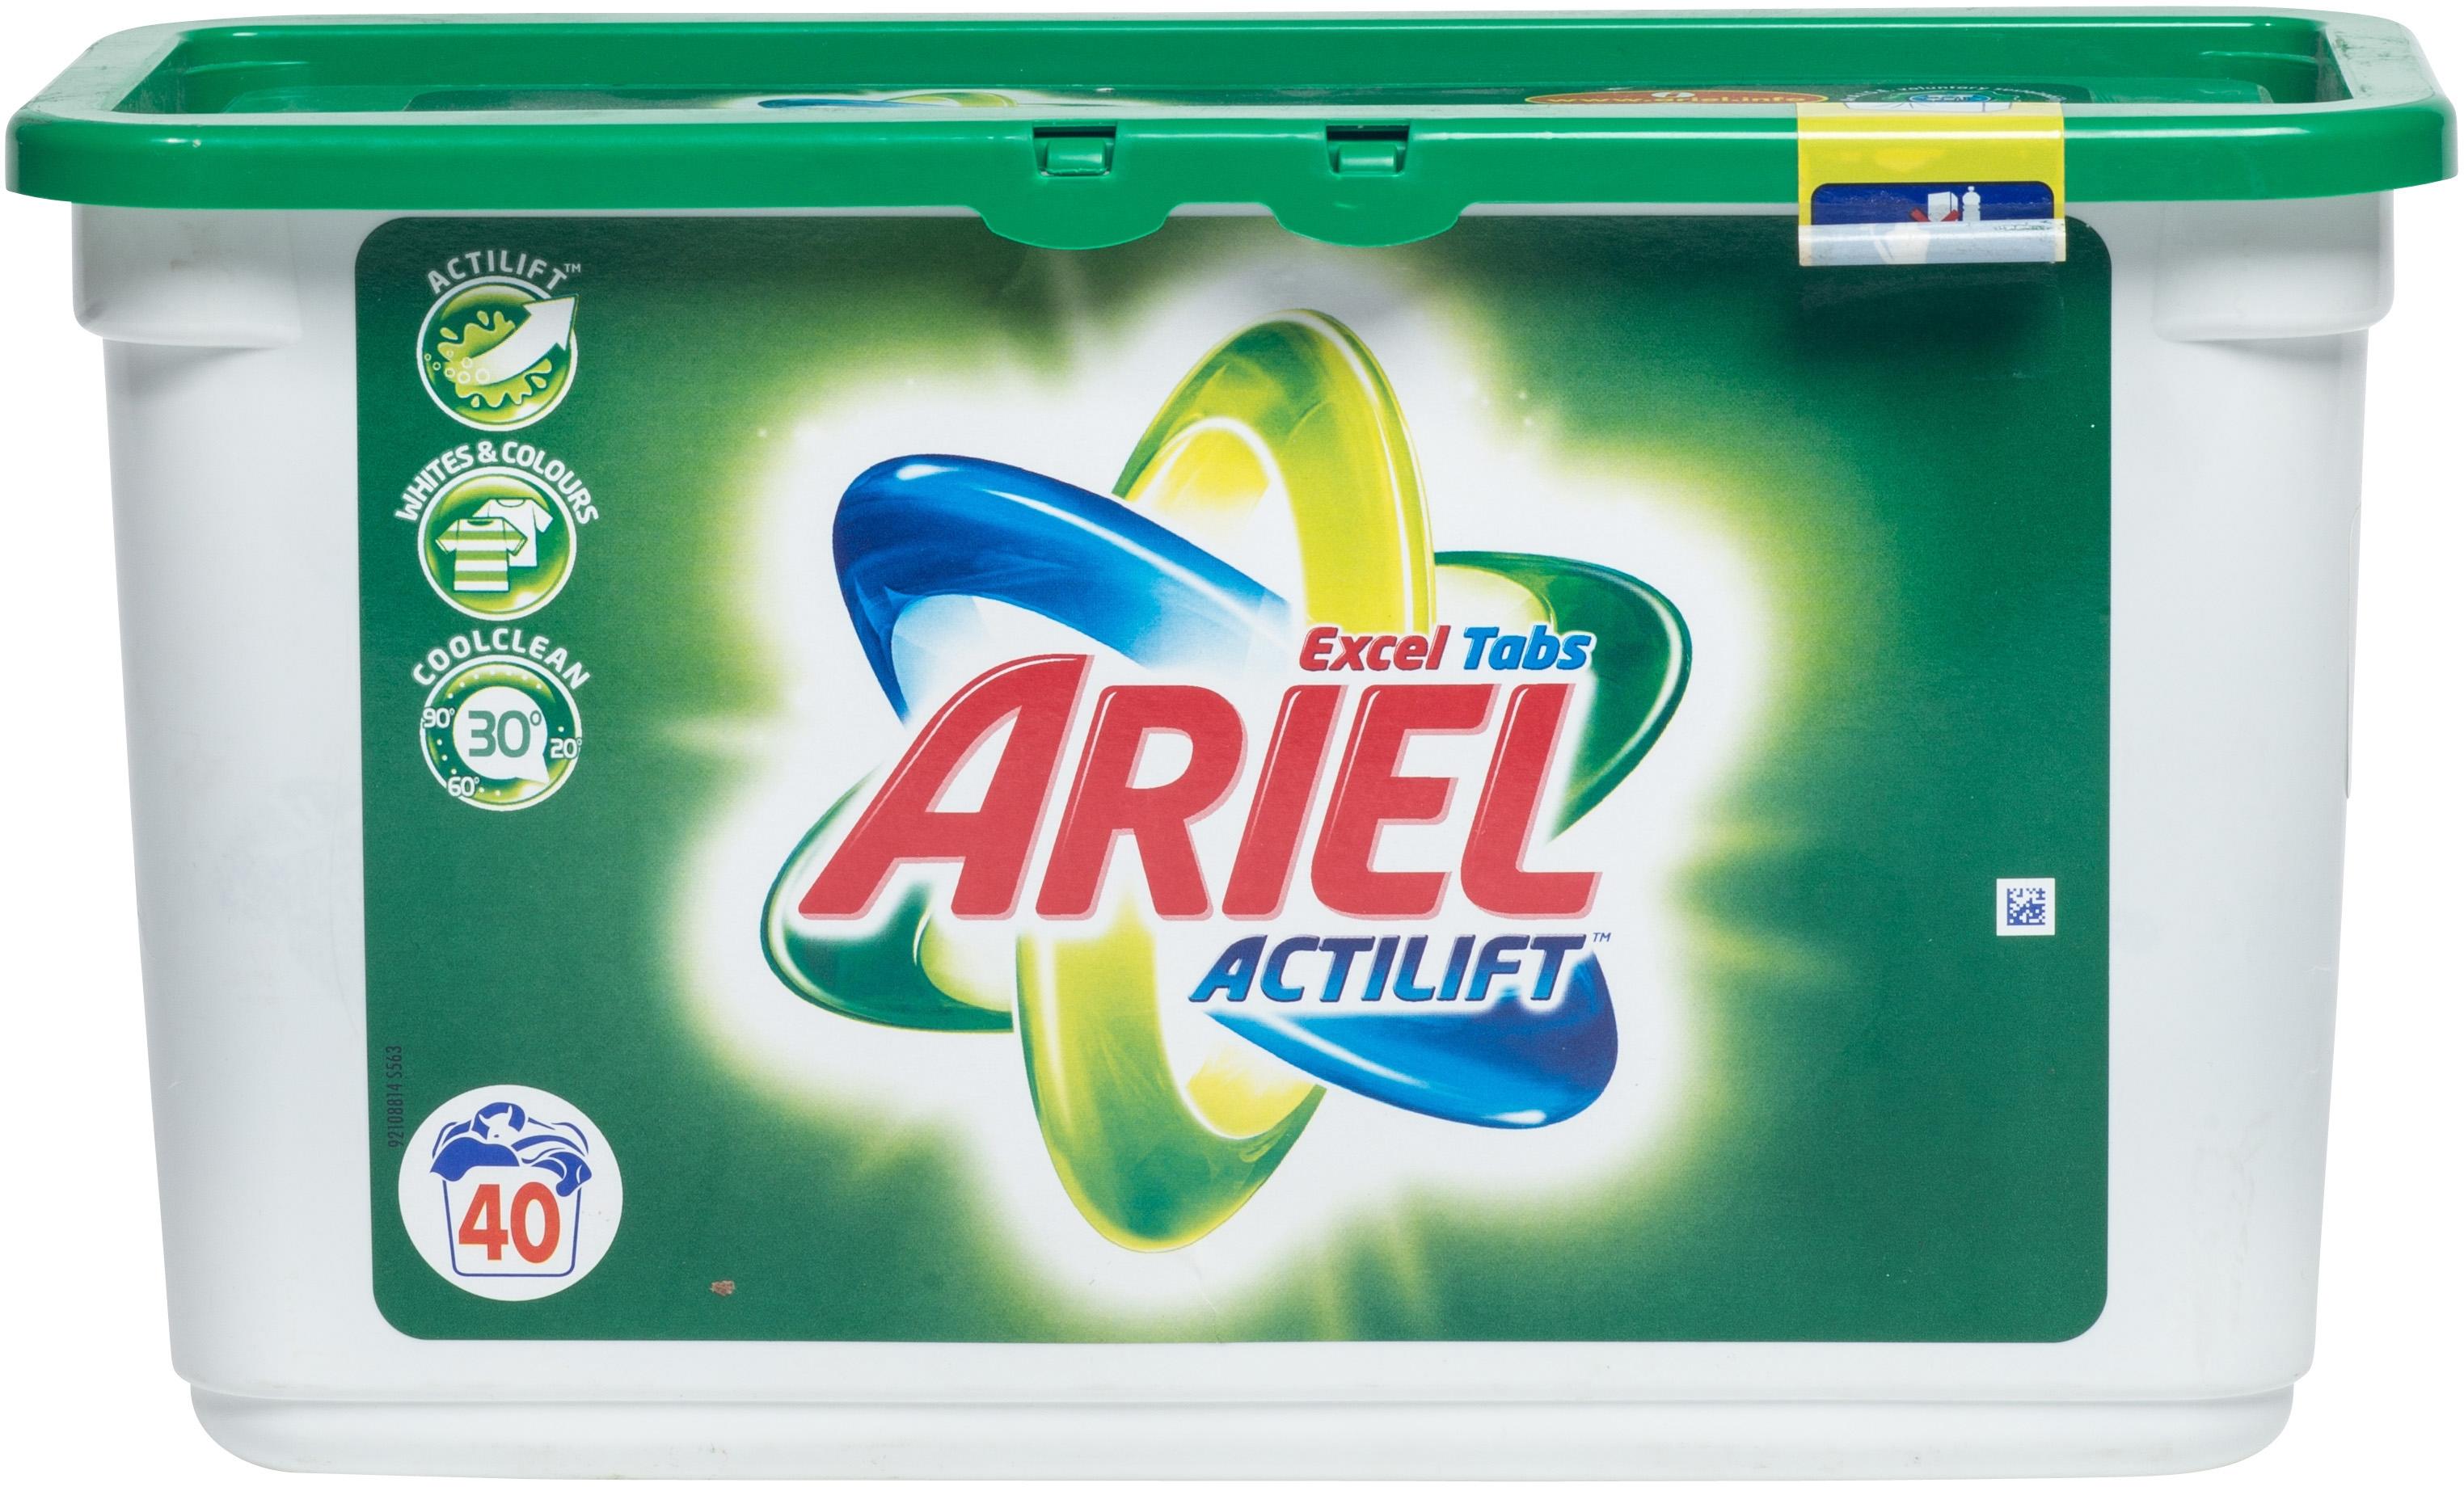 ariel actilift excel tabs test prijzen en specificaties. Black Bedroom Furniture Sets. Home Design Ideas